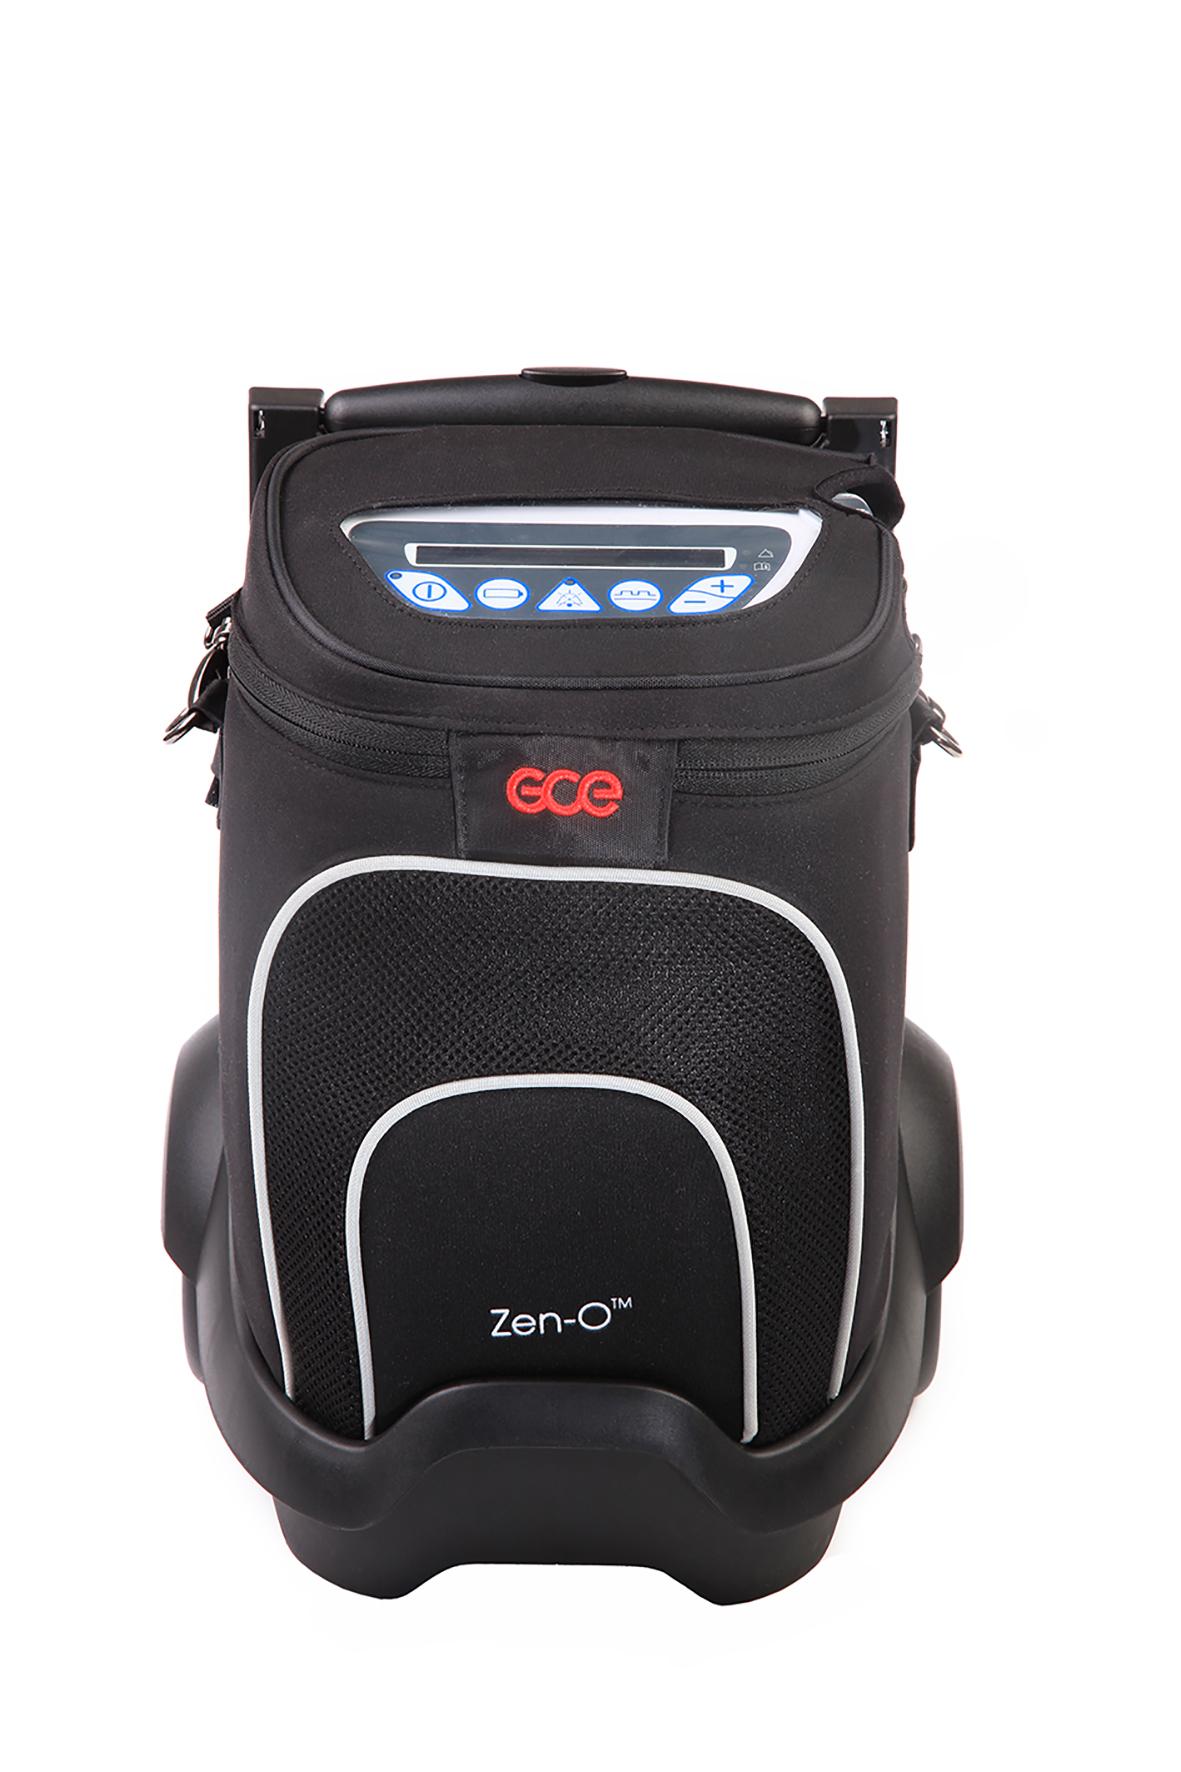 Zen-O Portable Oxygen Concentrator